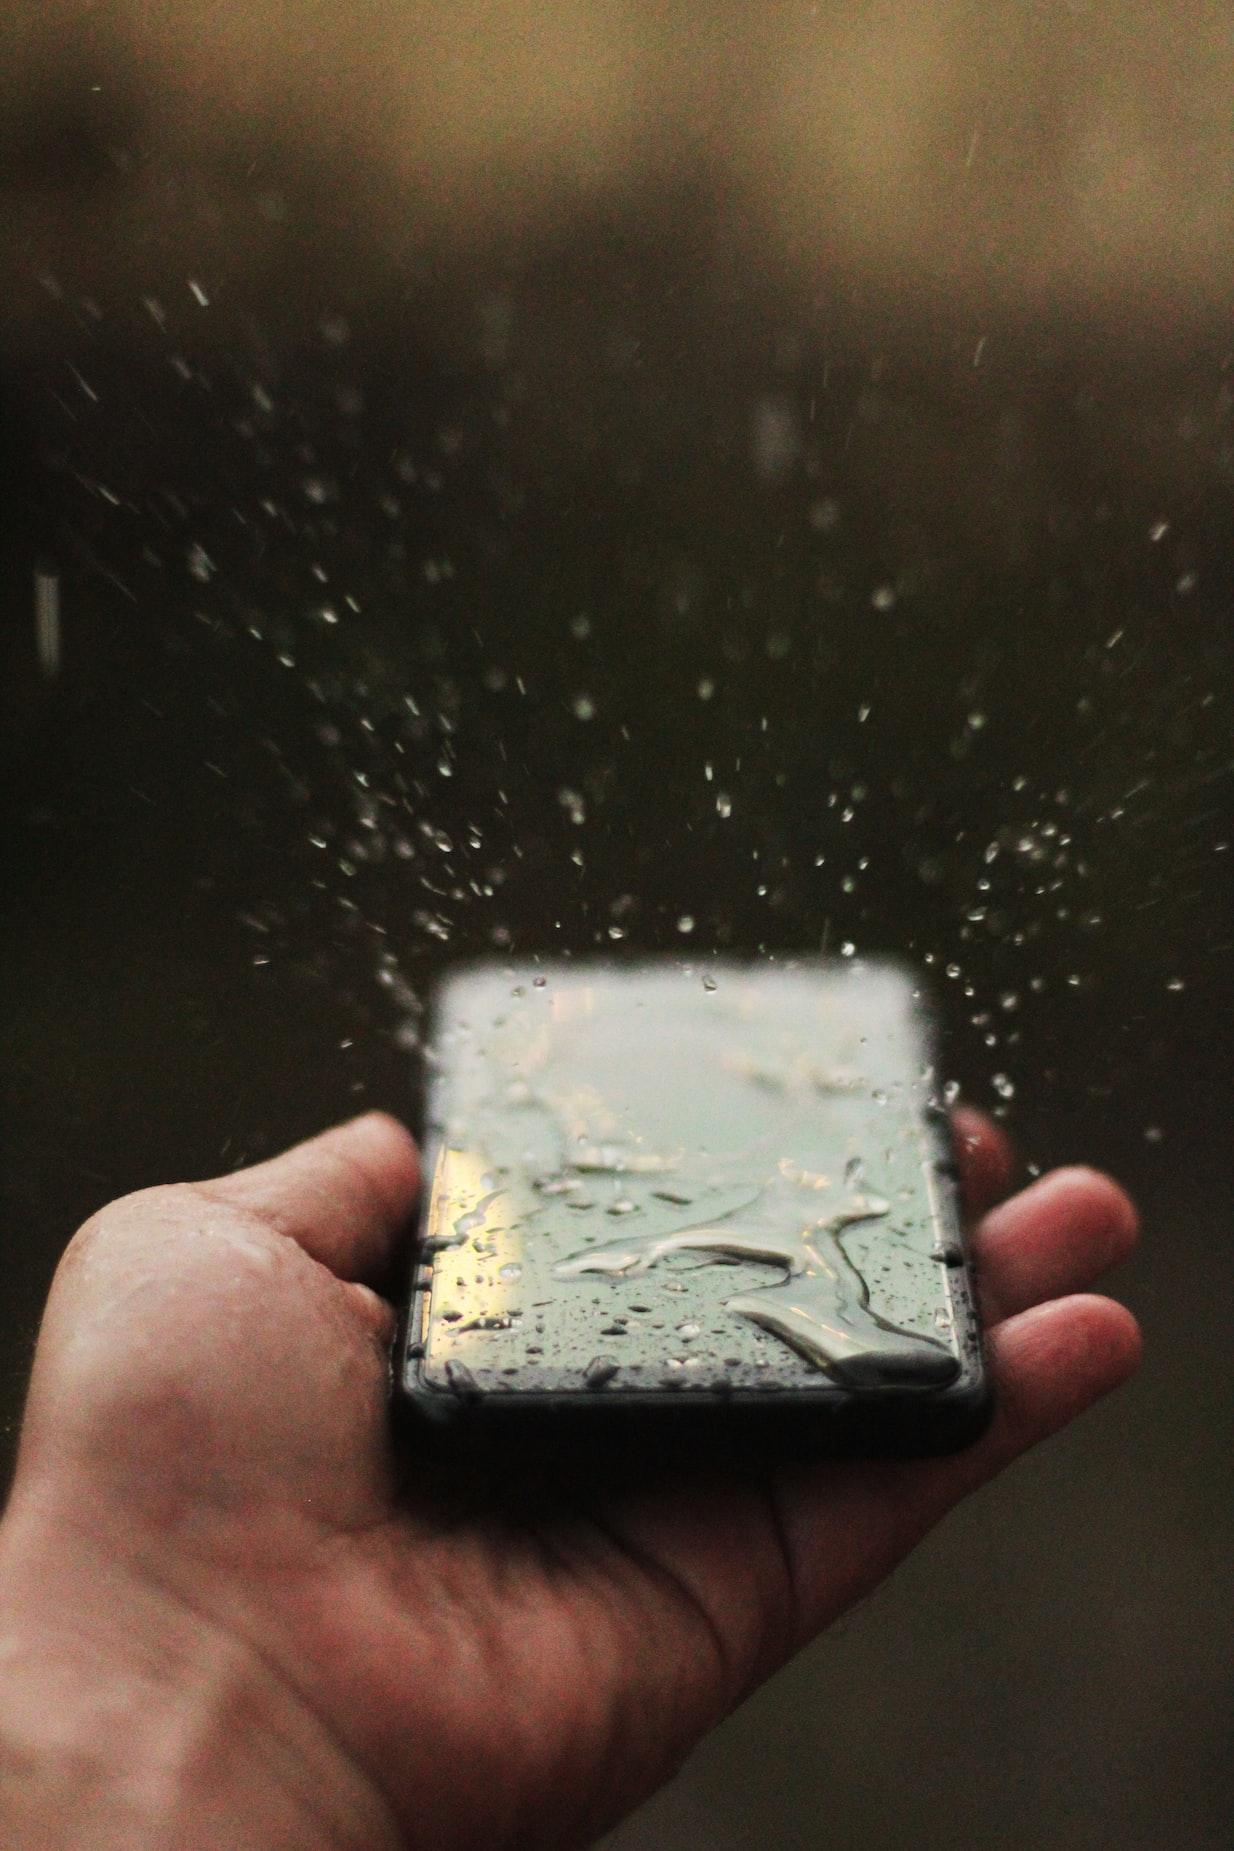 Wodoodporność w iPhonach ukazanana na przykladzie zachlapania telefonu